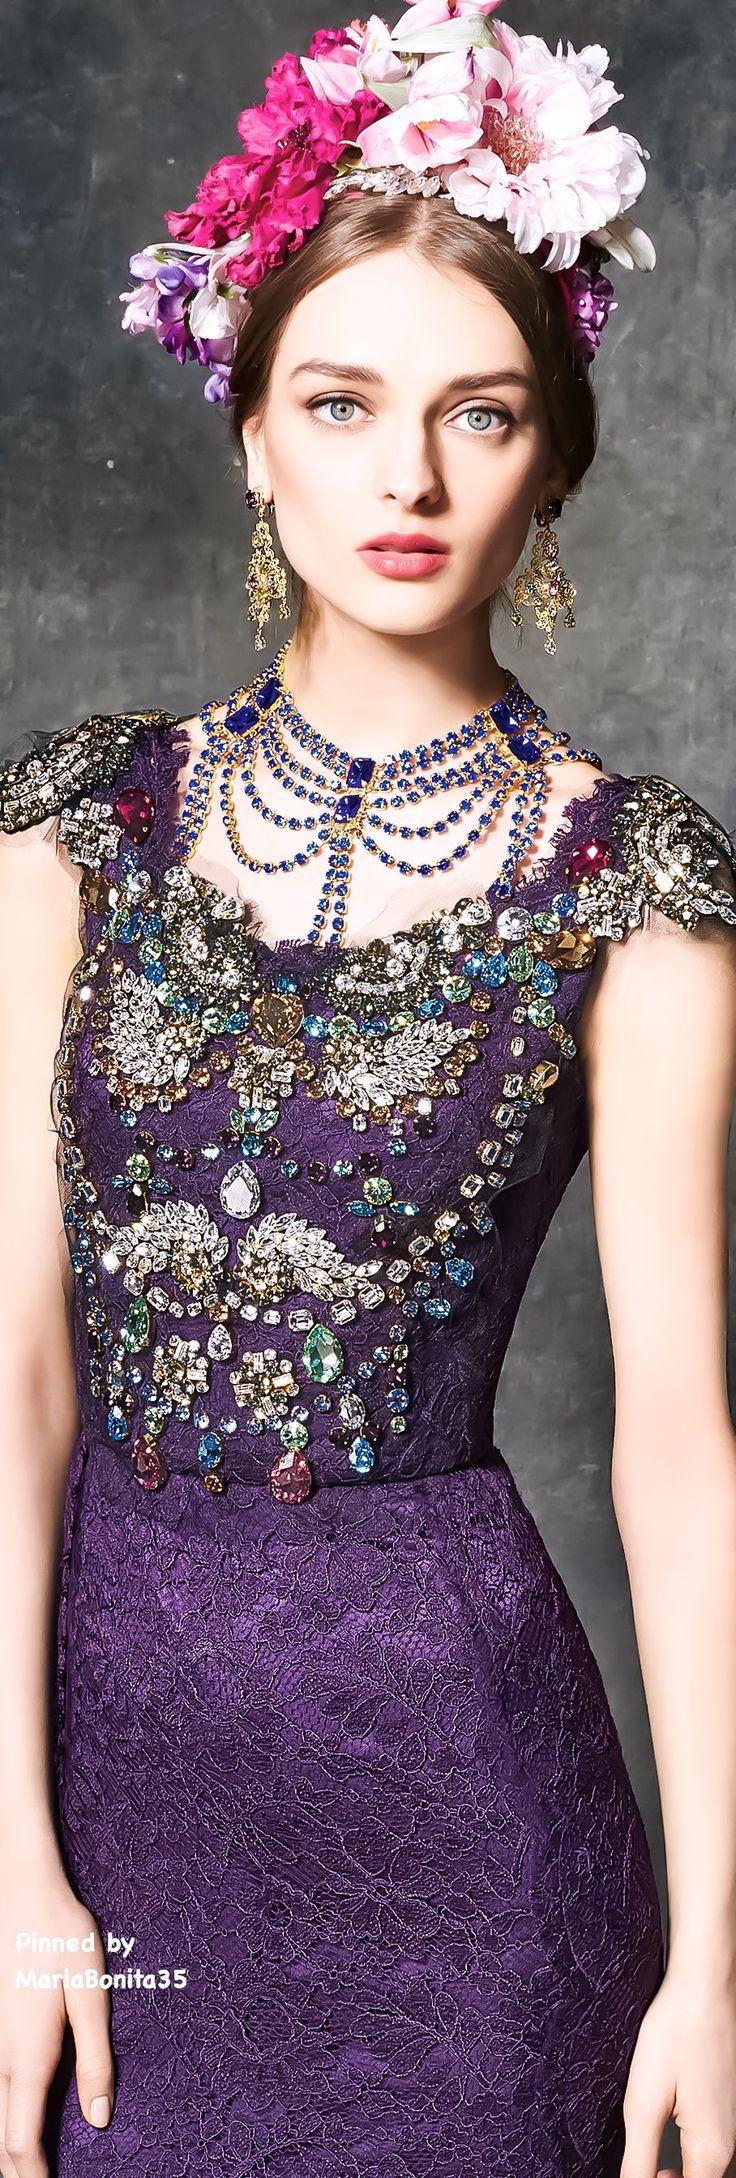 Mejores 1110 imágenes de D&G en Pinterest | Alta costura, Vestidos ...